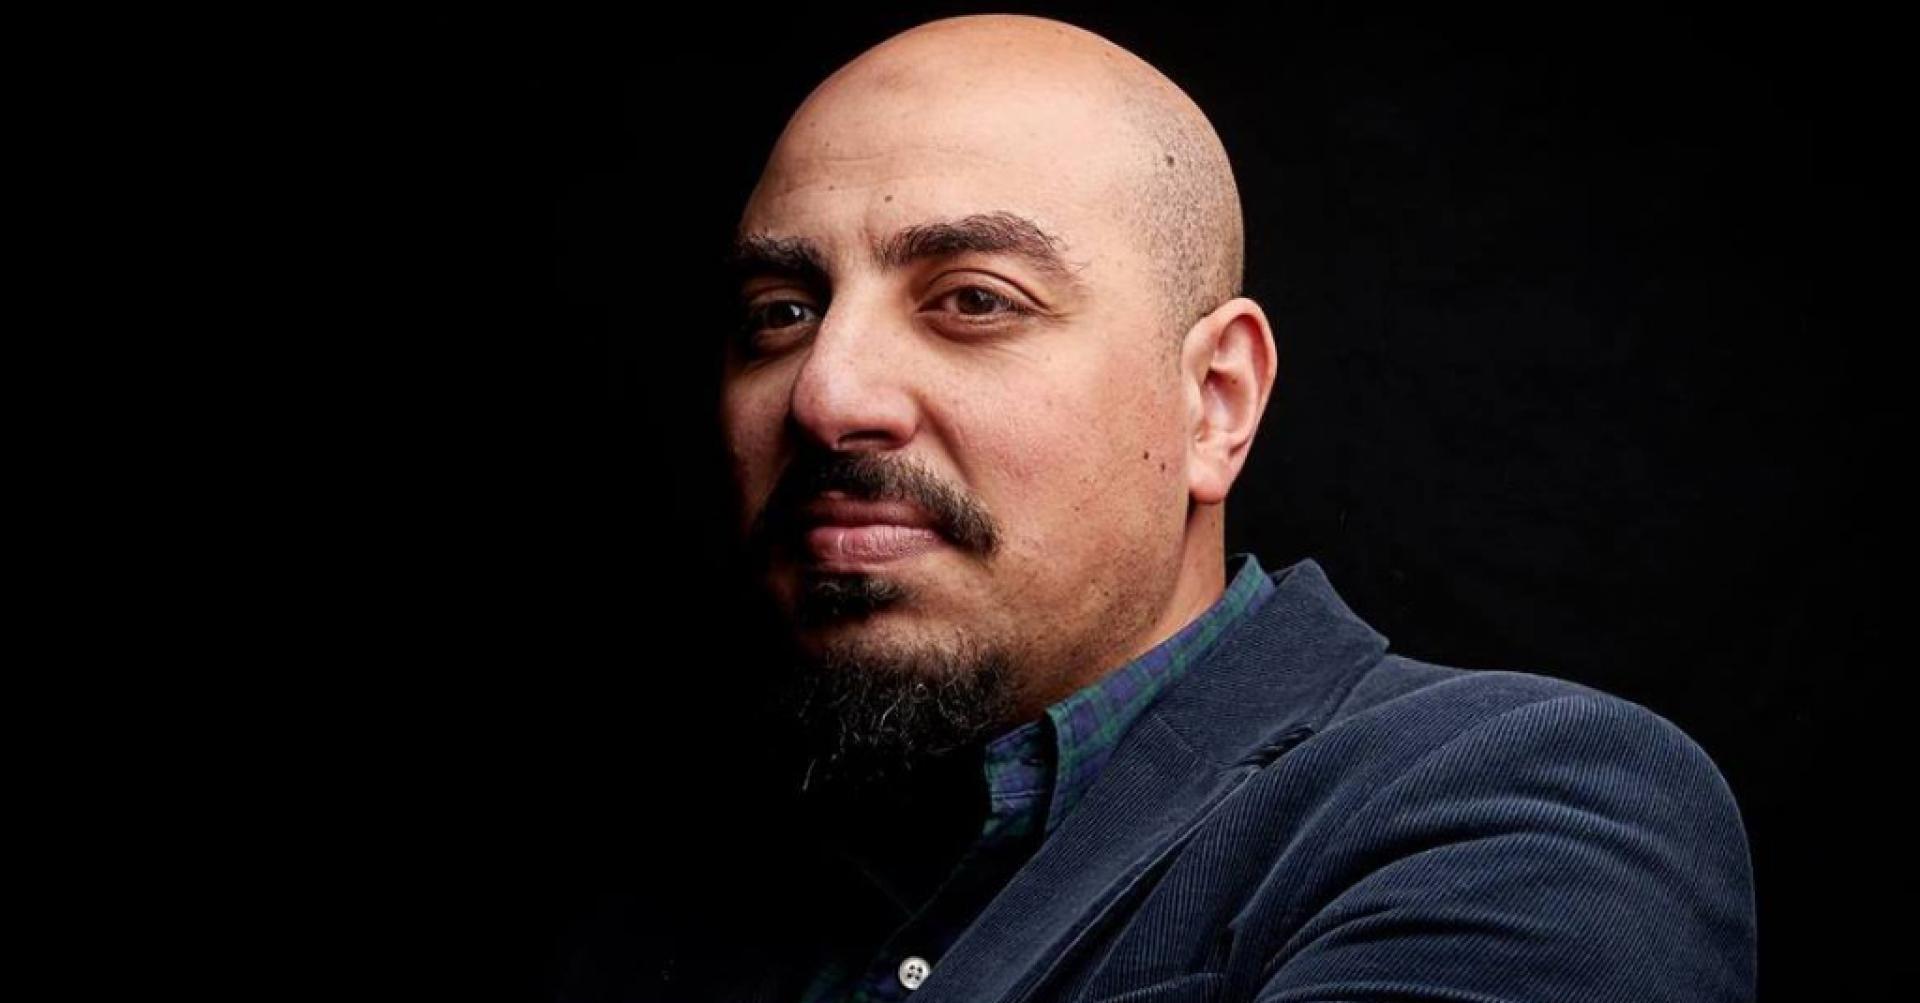 Marwan Muhammad: Islamofobija je sredstvoza odvraćanje pažnje od stvarnih problema